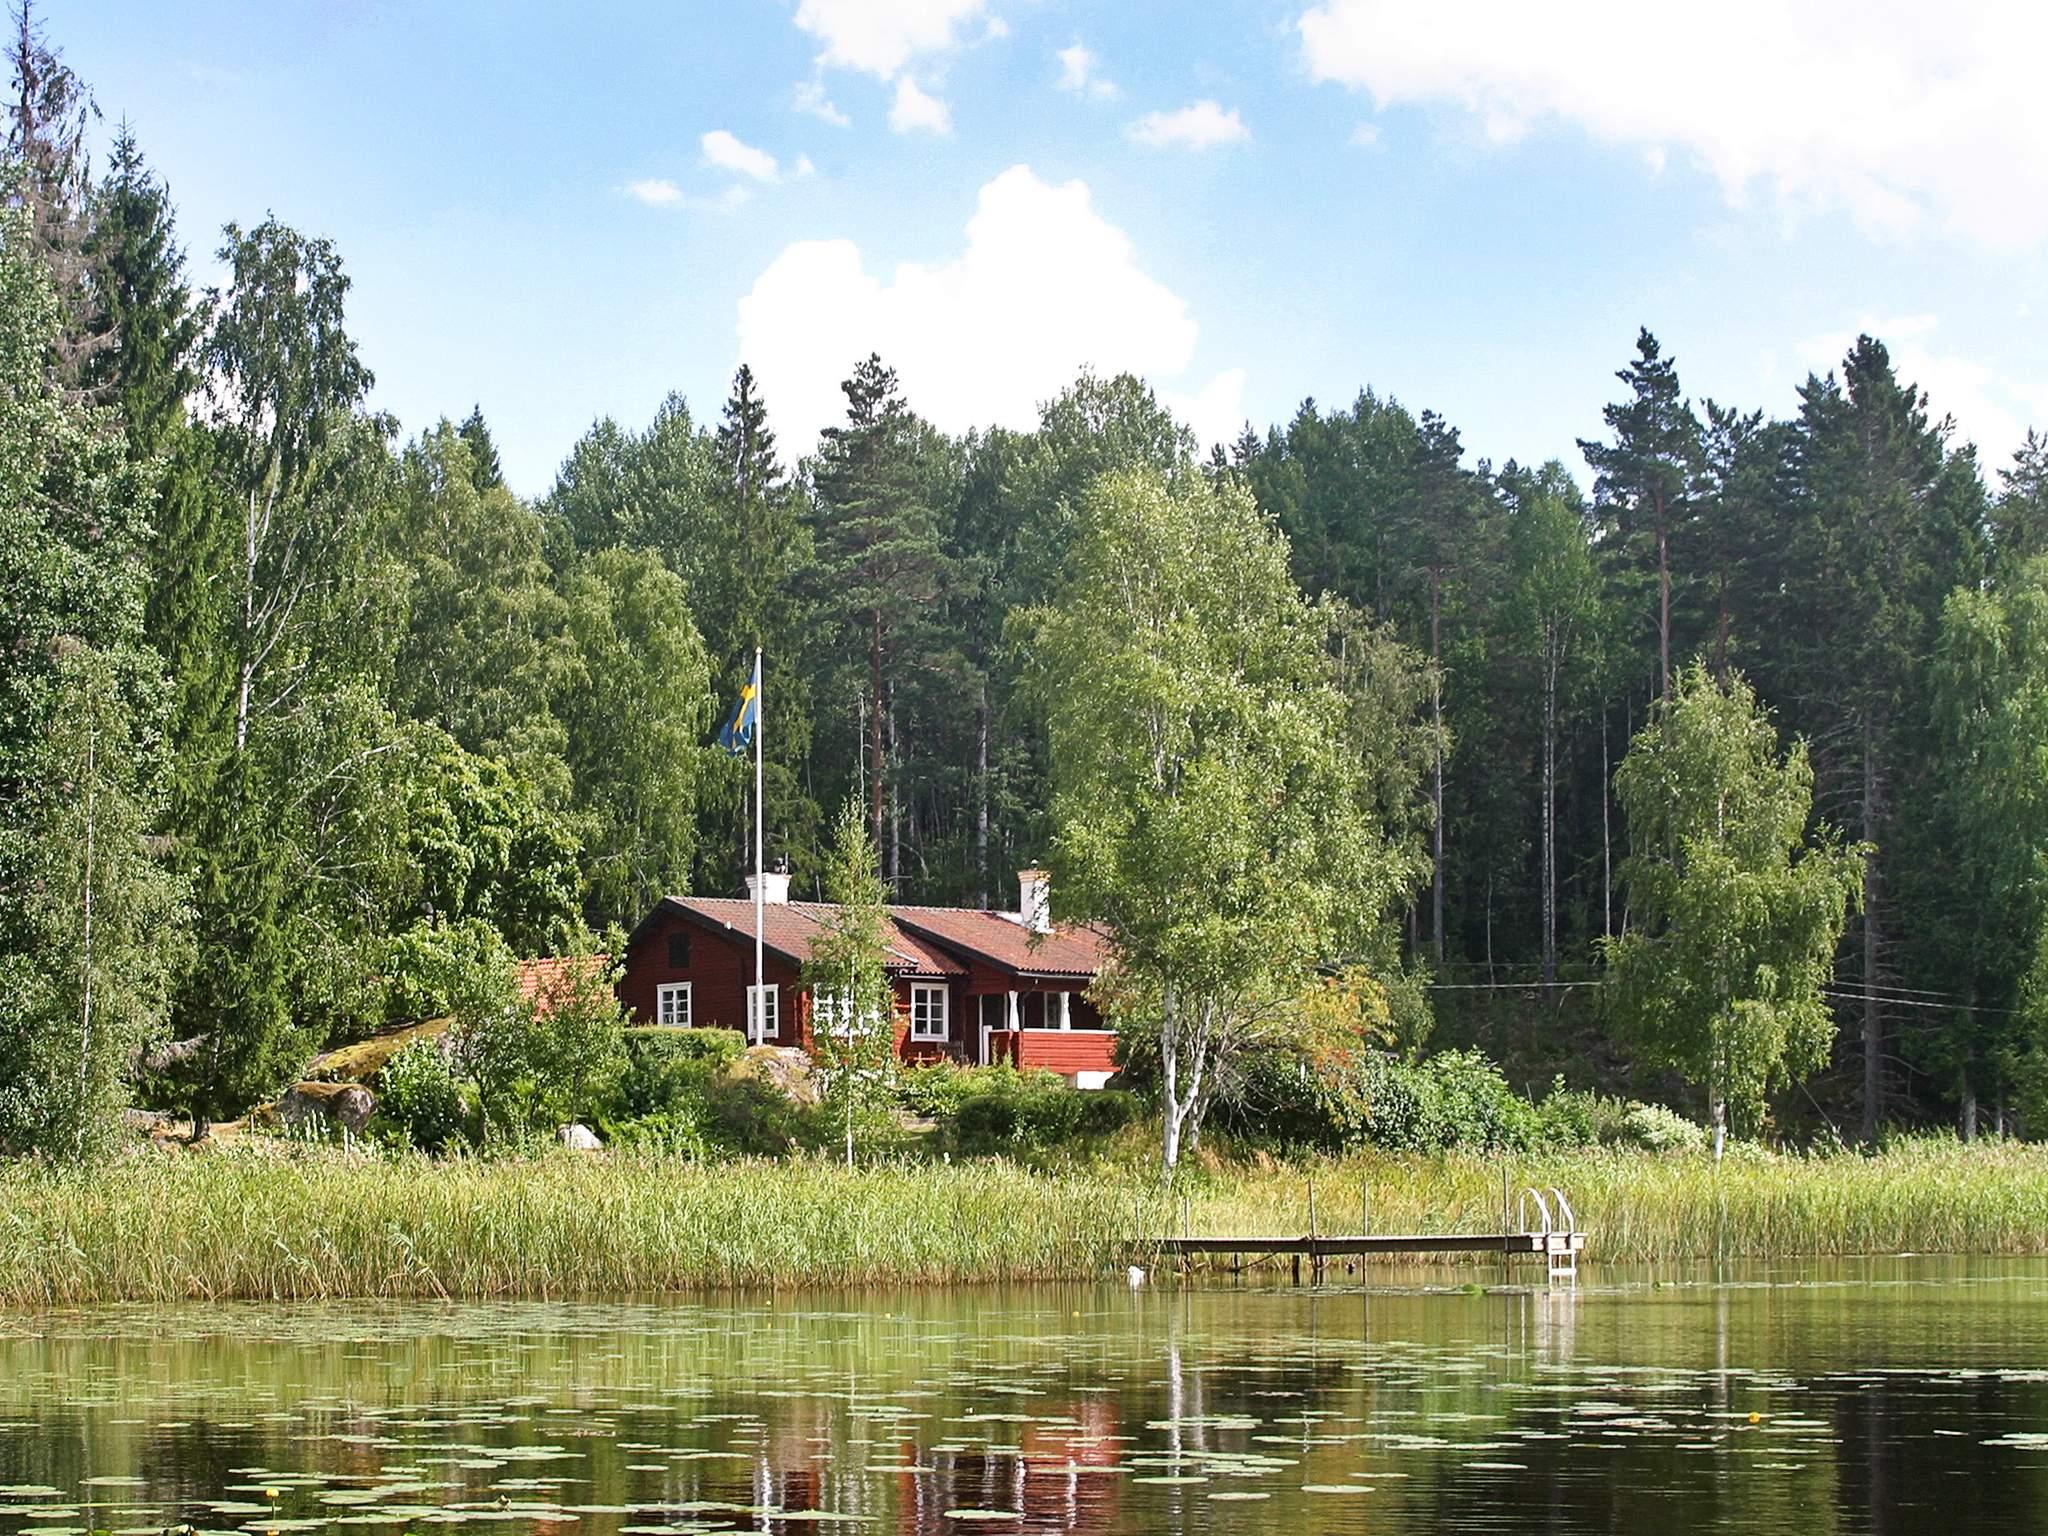 Ferienhaus Köping (953852), Köping, Västmanlands län, Mittelschweden, Schweden, Bild 1